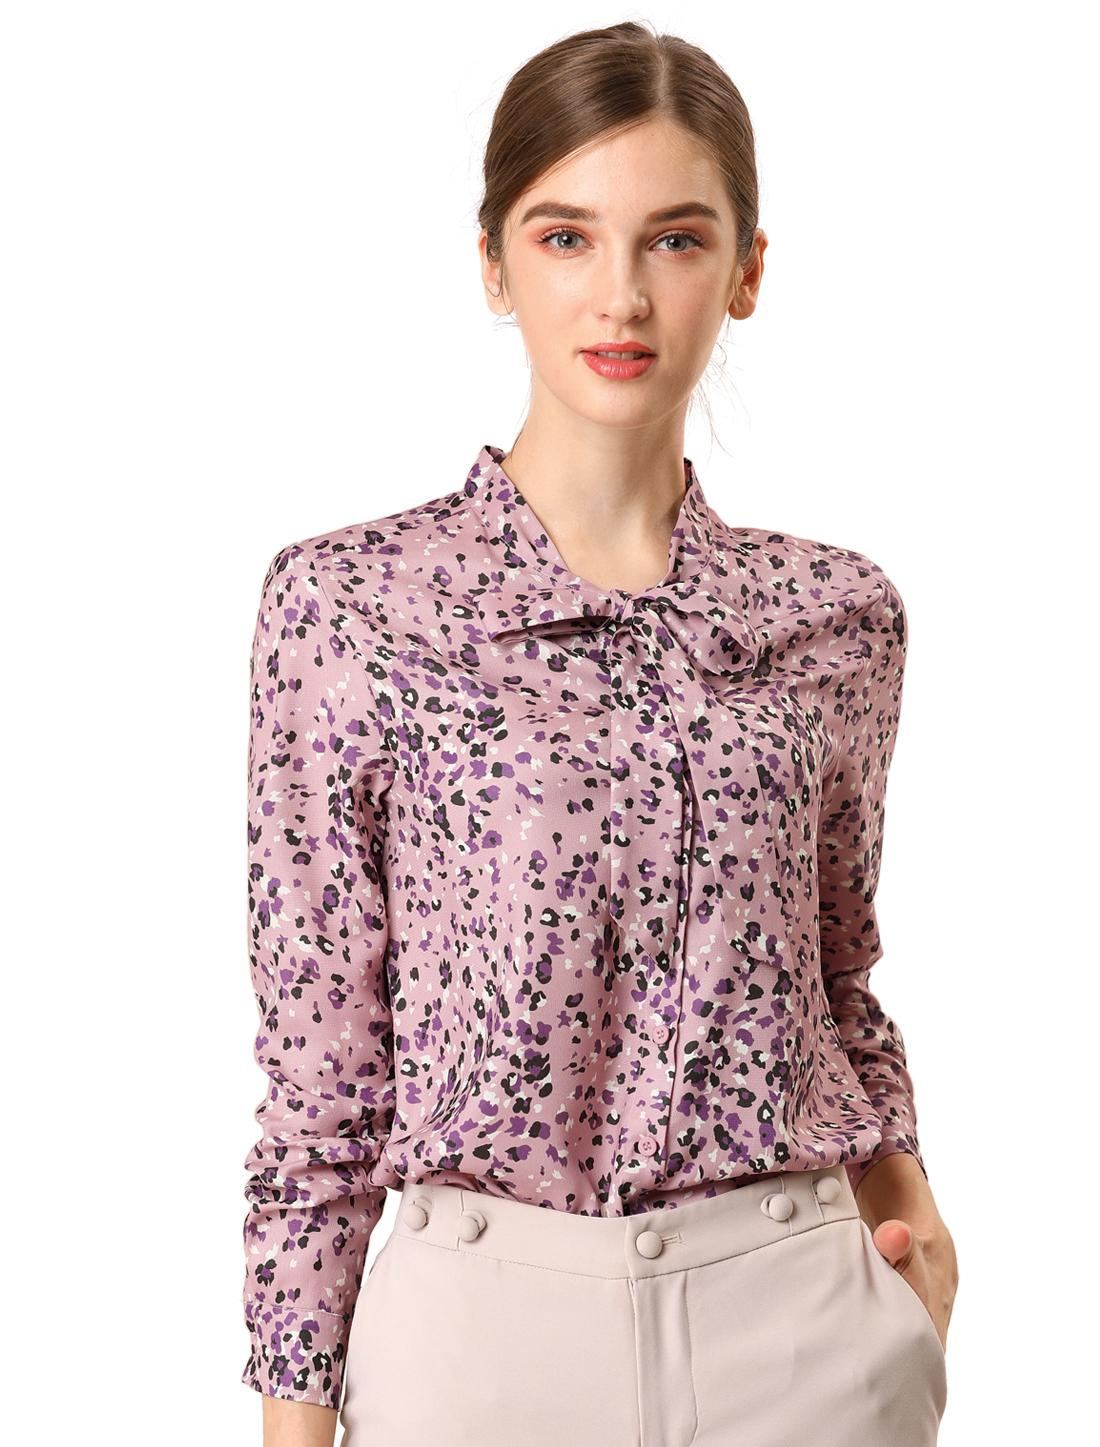 Allegra K Women's Elegant Work Floral Bow Tie Neck Button Blouse Shirt Pink S